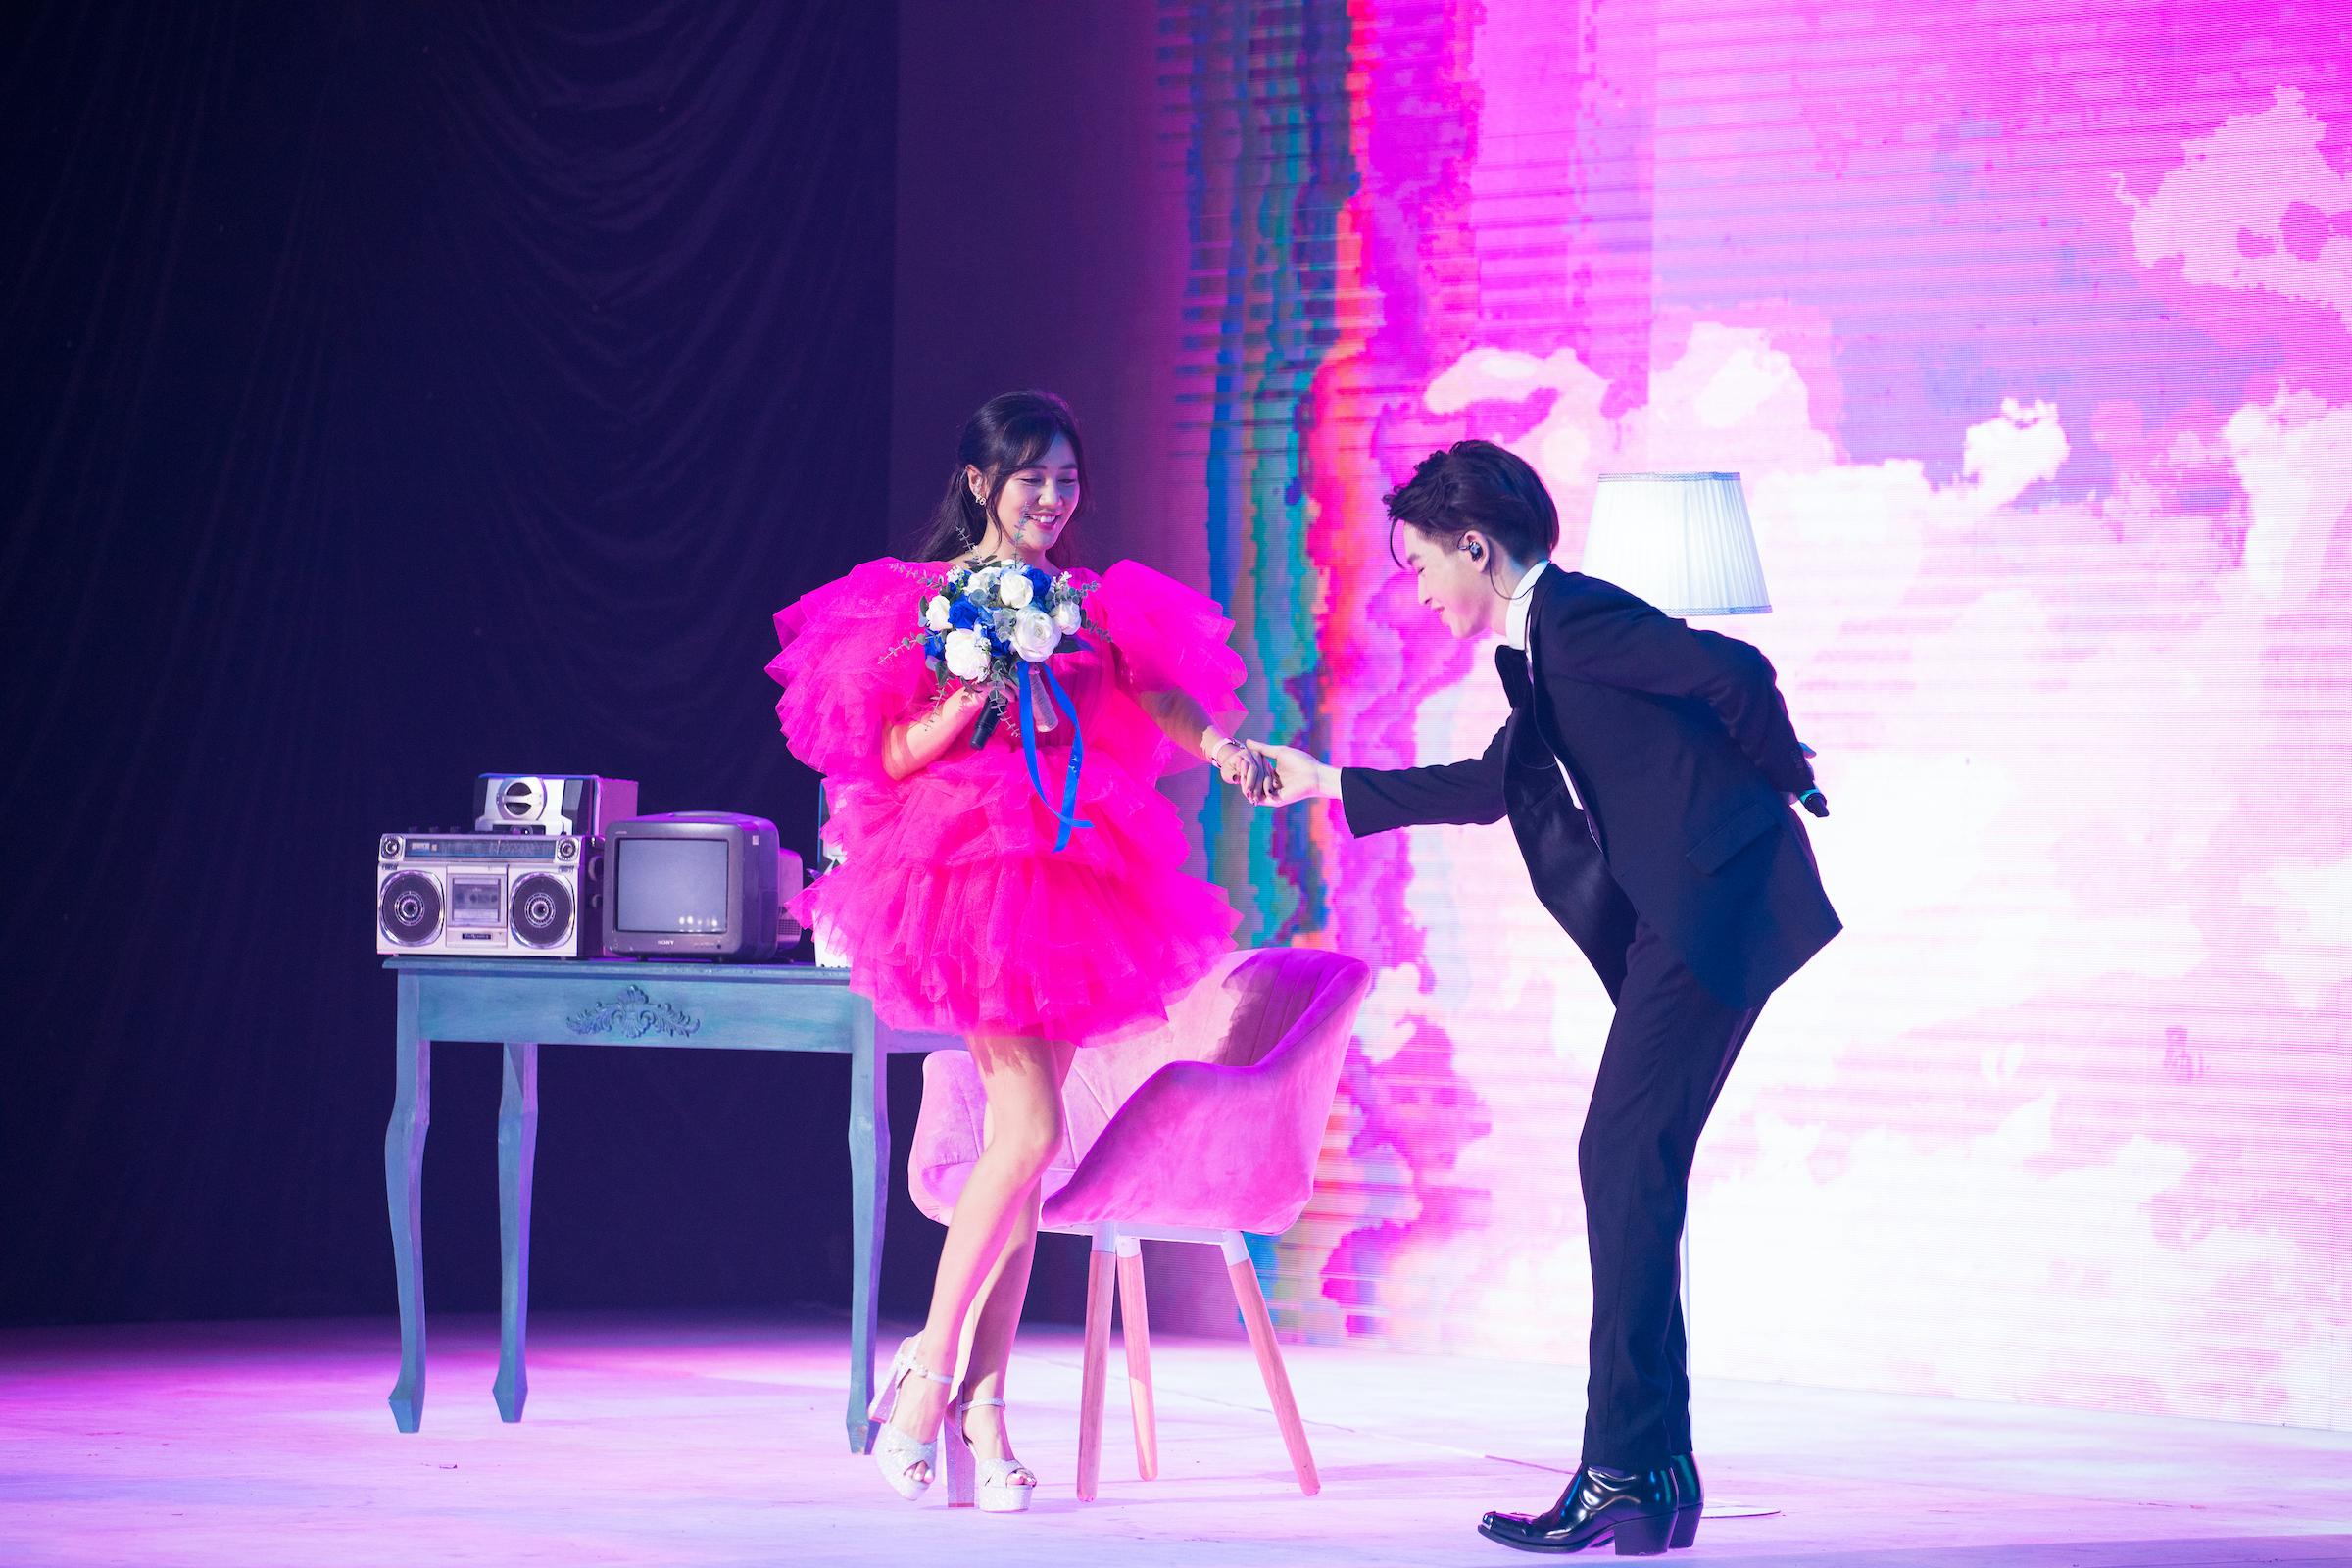 Văn Mai Hương và Đức Phúc tình tứ trong màn trình diễn Cầu hôn. Ảnh: Lazada Việt Nam.